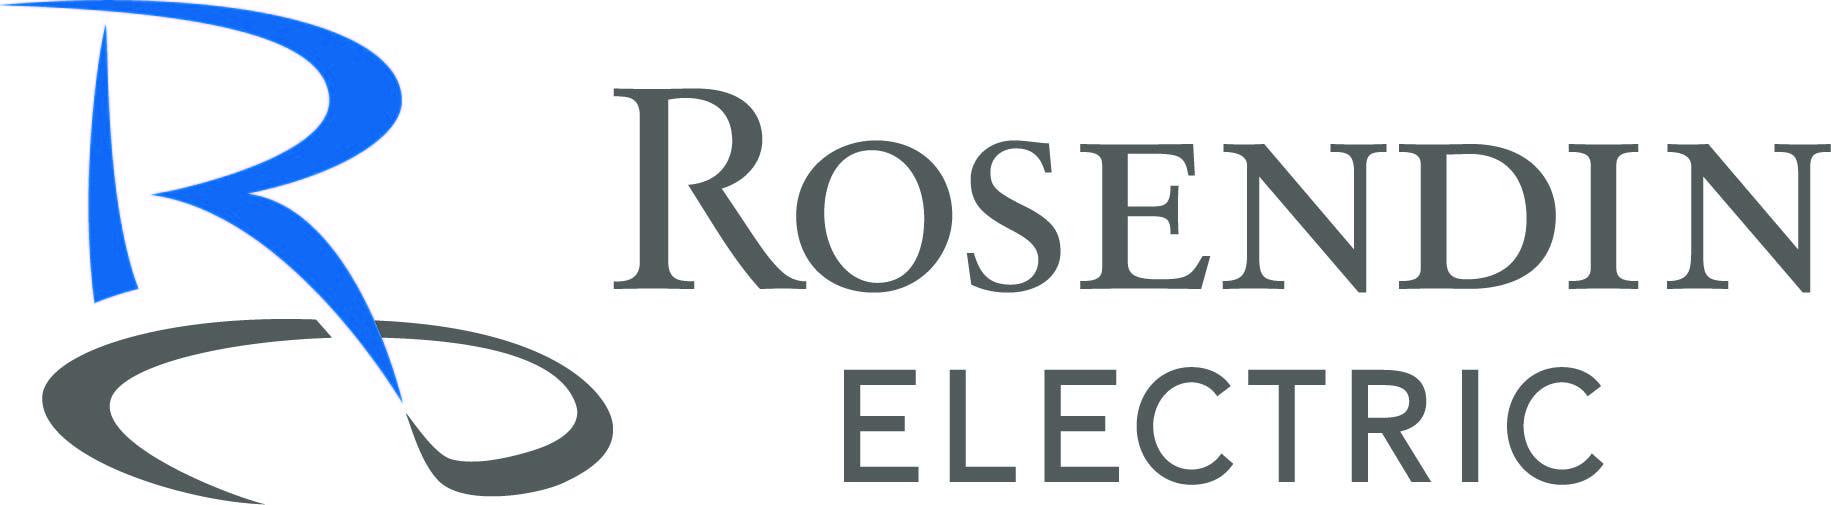 RE_Logo_Horizontal.jpg